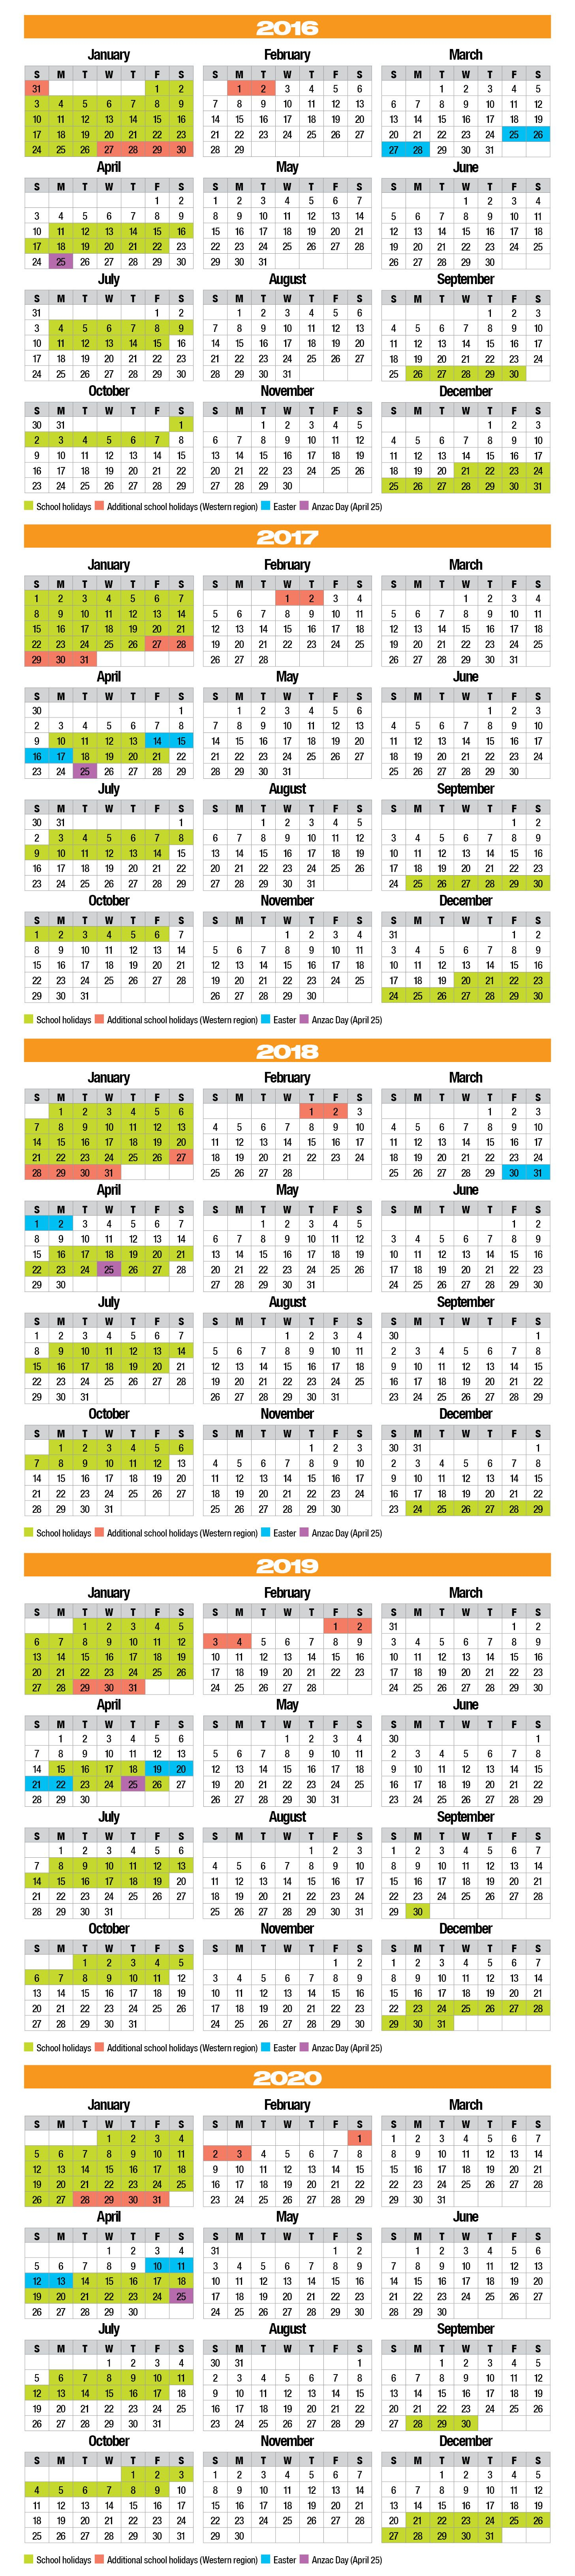 School Holidays 2016-2020